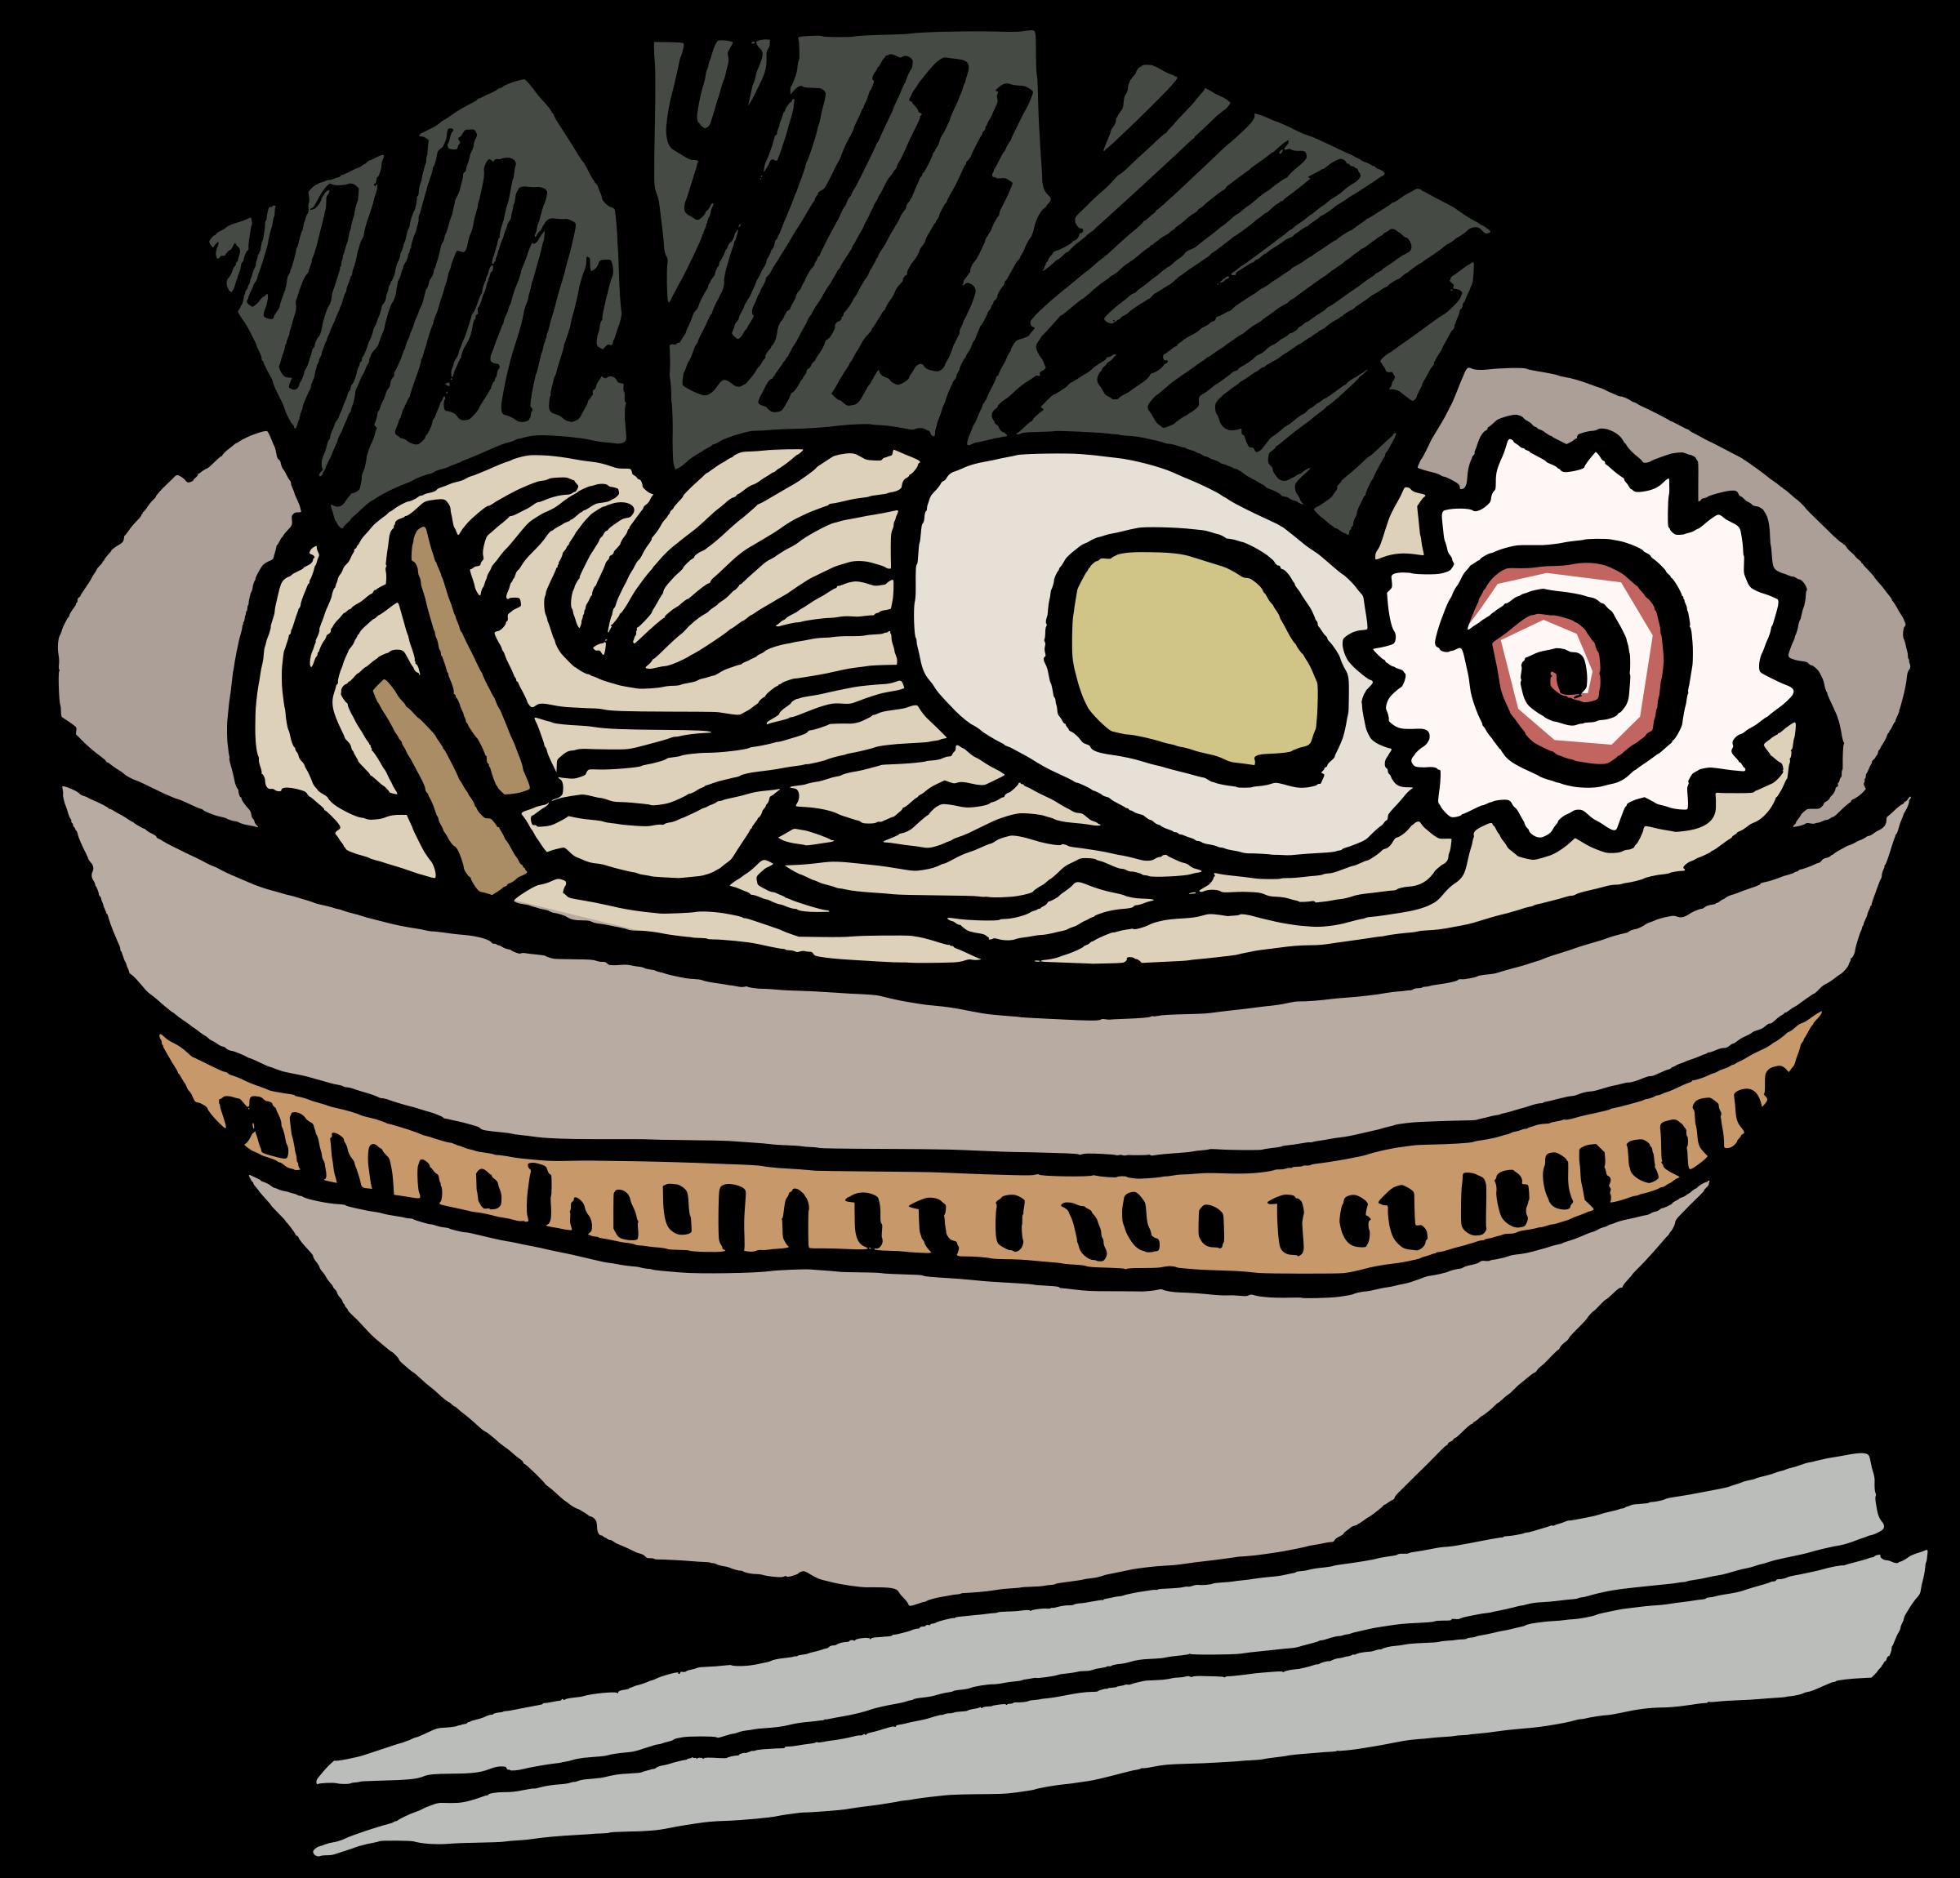 Ramen Bowl Nori vector clipart image.